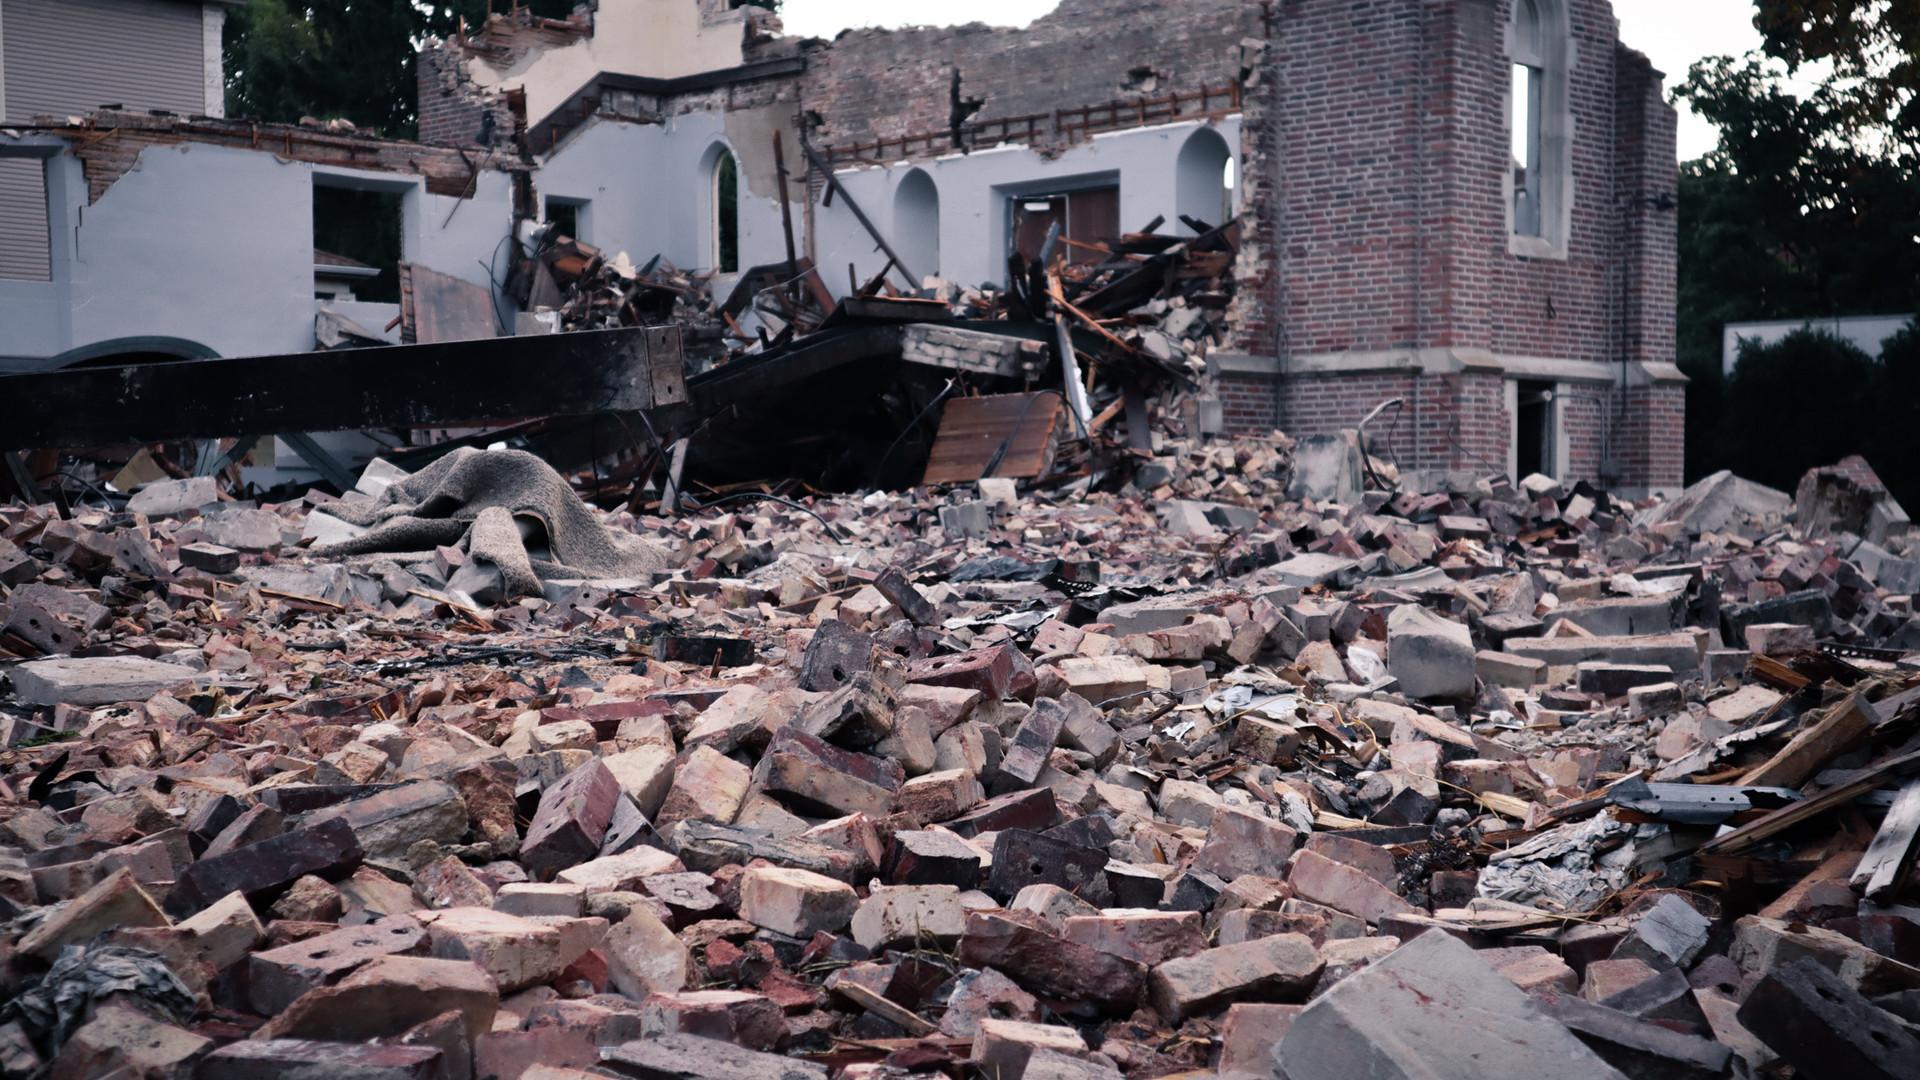 Saint rubble